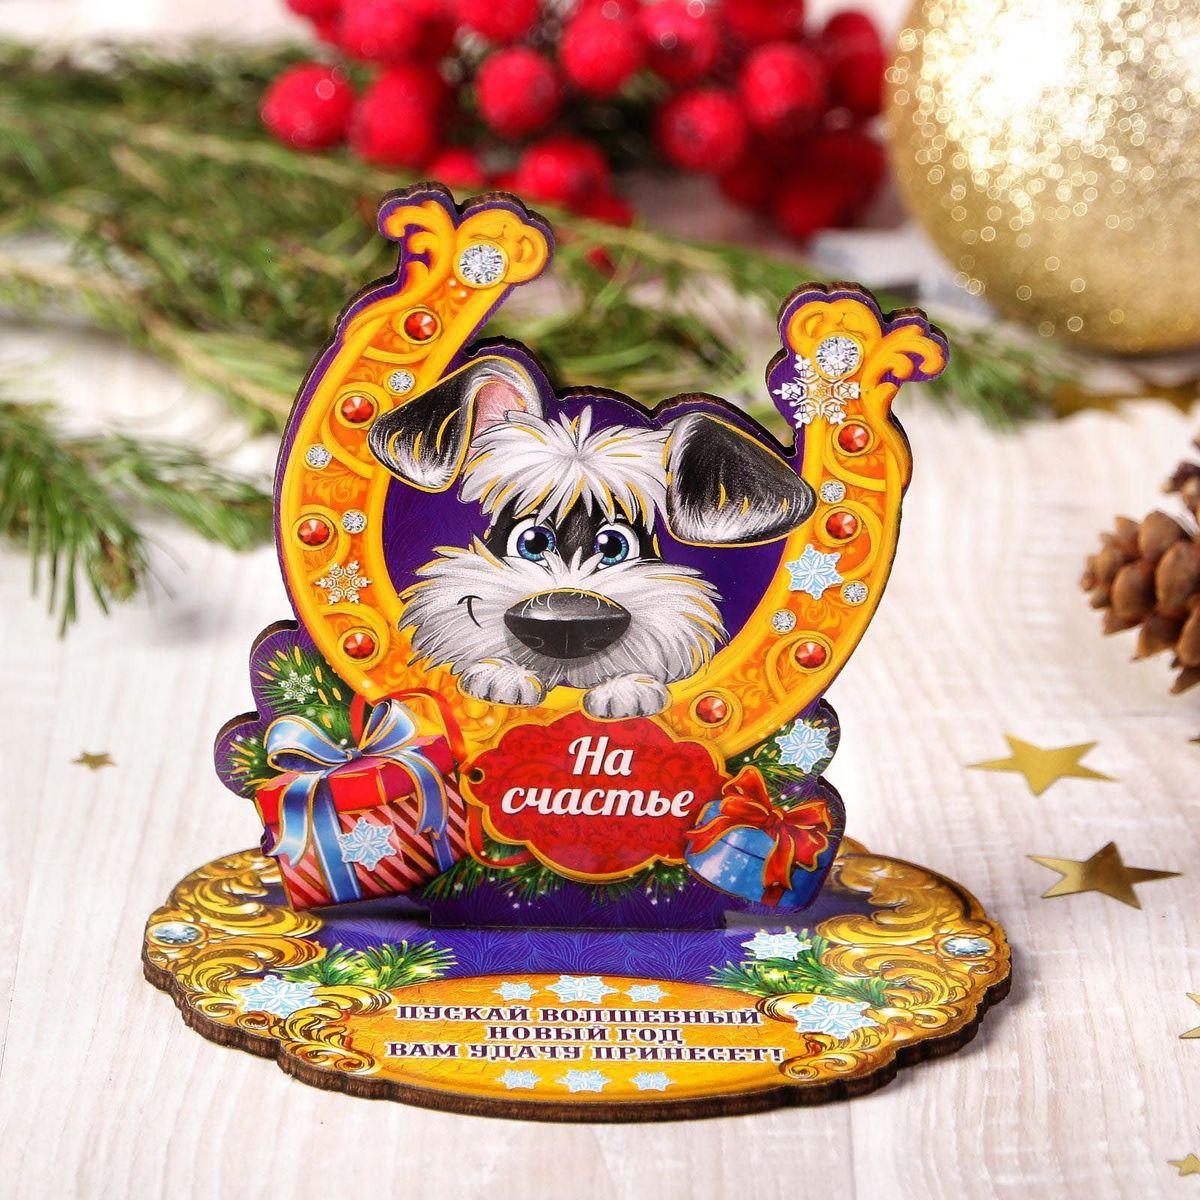 Оберег настольный Sima-land На счастье, цвет: фиолетовый, 10,2 х 8 см2278730Приближаются самые добрые и долгожданные праздники — Новый год и Рождество. Оберег Sima-land - это чудесный сувенир, способный привлечь счастье, успех и достаток, стоит лишь расположить его на рабочем столе дома или в офисе! Или носить с собой в качестве оберега. Такой подарок прекрасно впишется в любой интерьер и станет отличным атрибутом праздника, а также станет отличным оберегом своего хозяина.